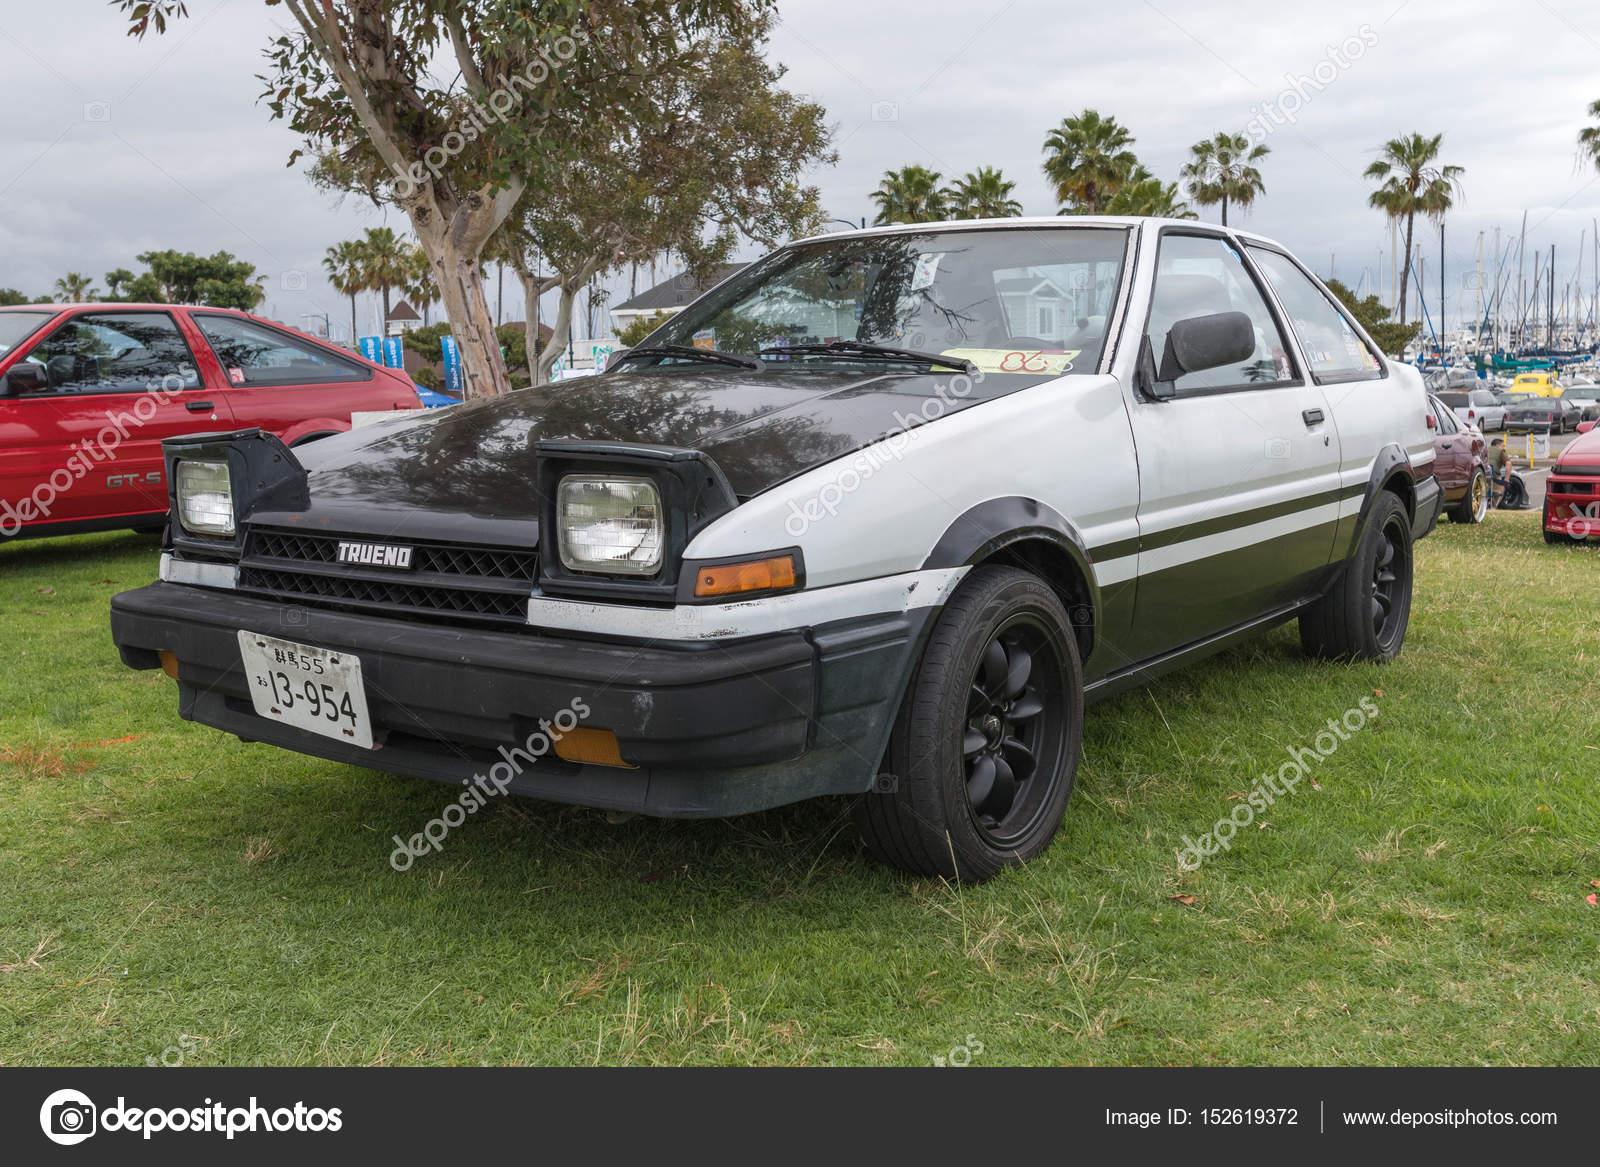 toyota corolla 1986 on display stock editorial photo rh depositphotos com  1996 Toyota Corolla 1986 Toyota Corolla GTS